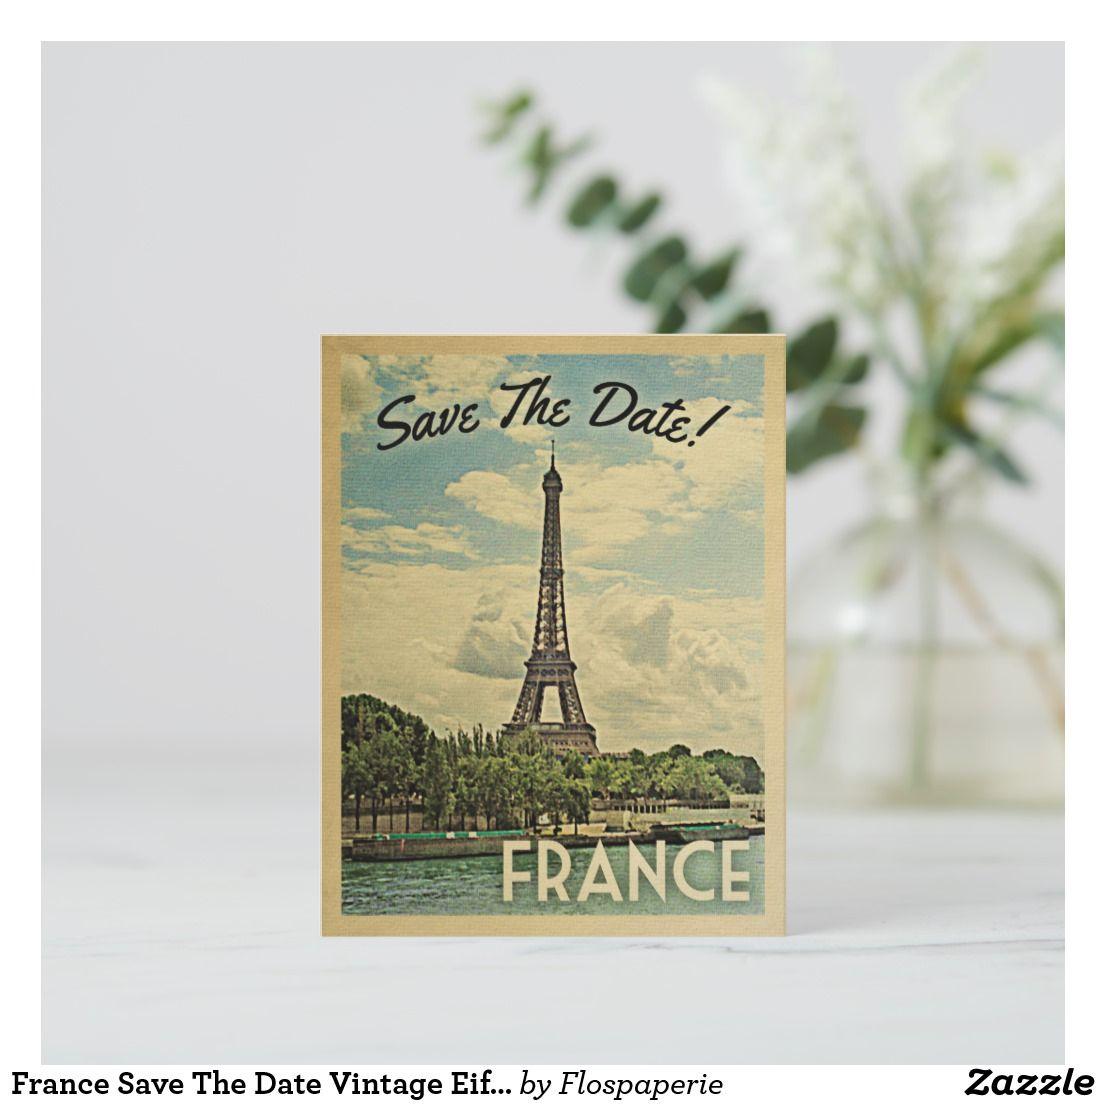 France Save The Date Vintage Eiffel Tower Paris